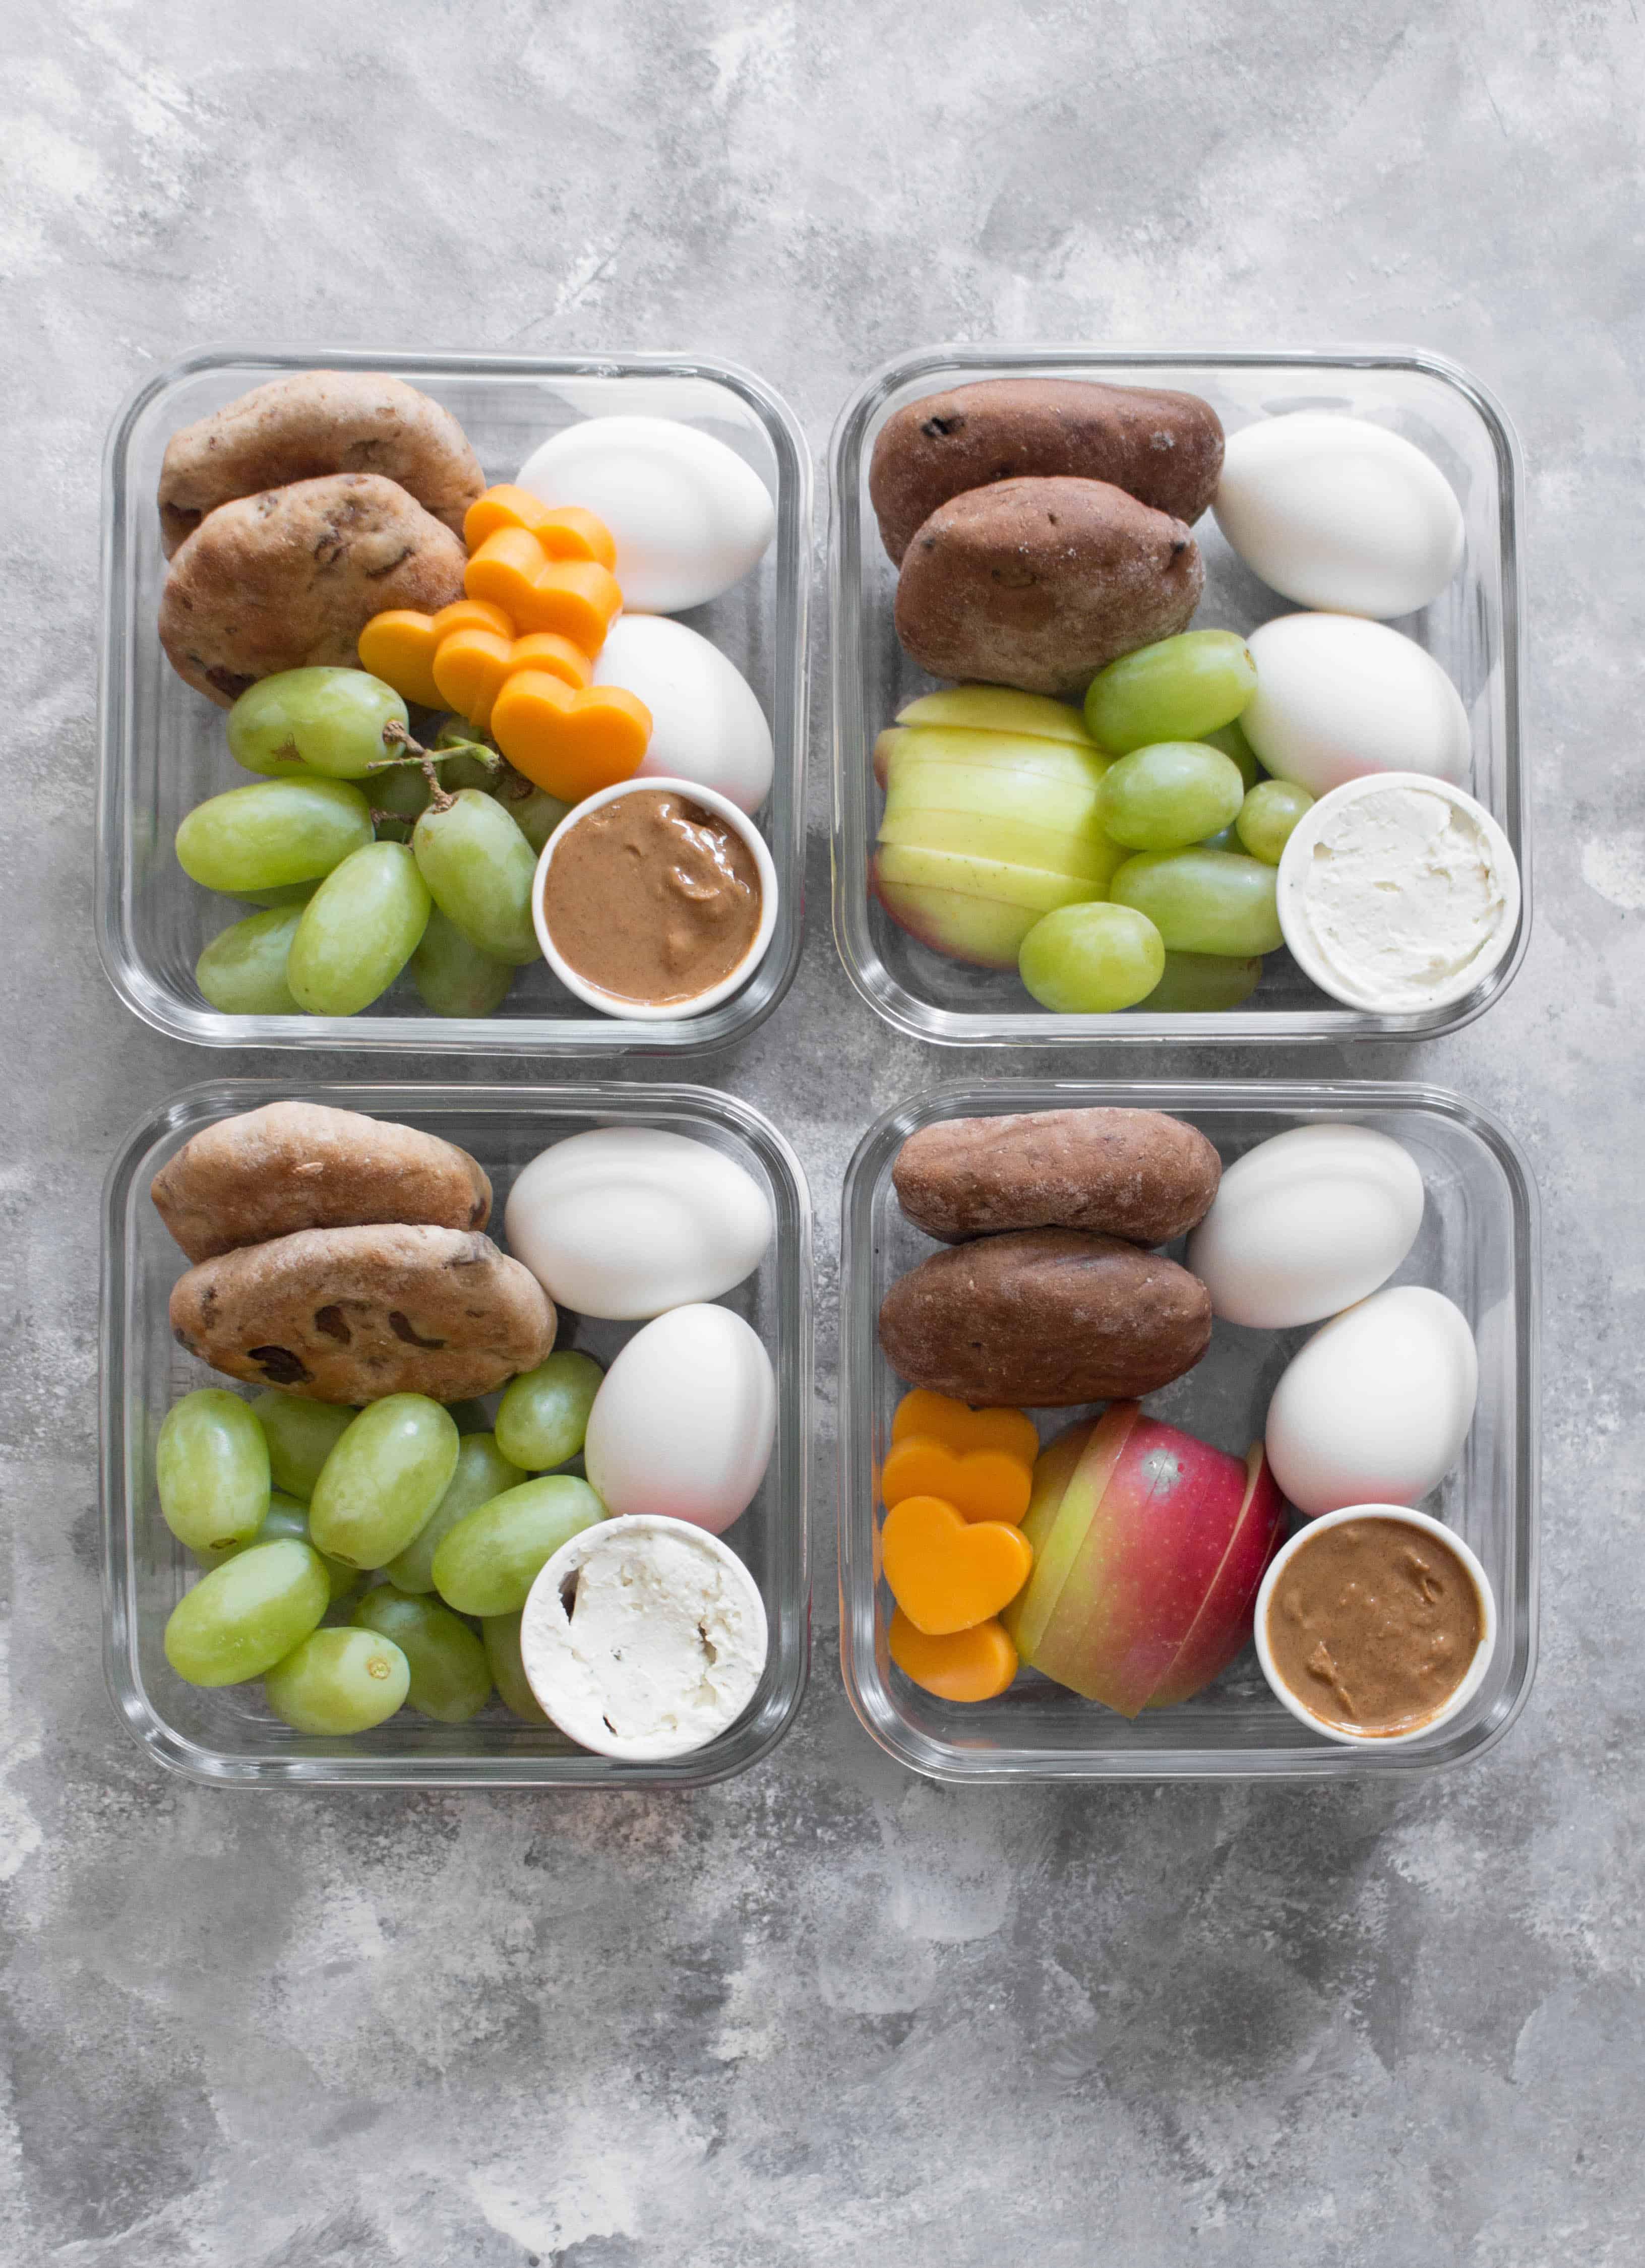 Healthy lunch box ideas for school. Recipe by Carmy.